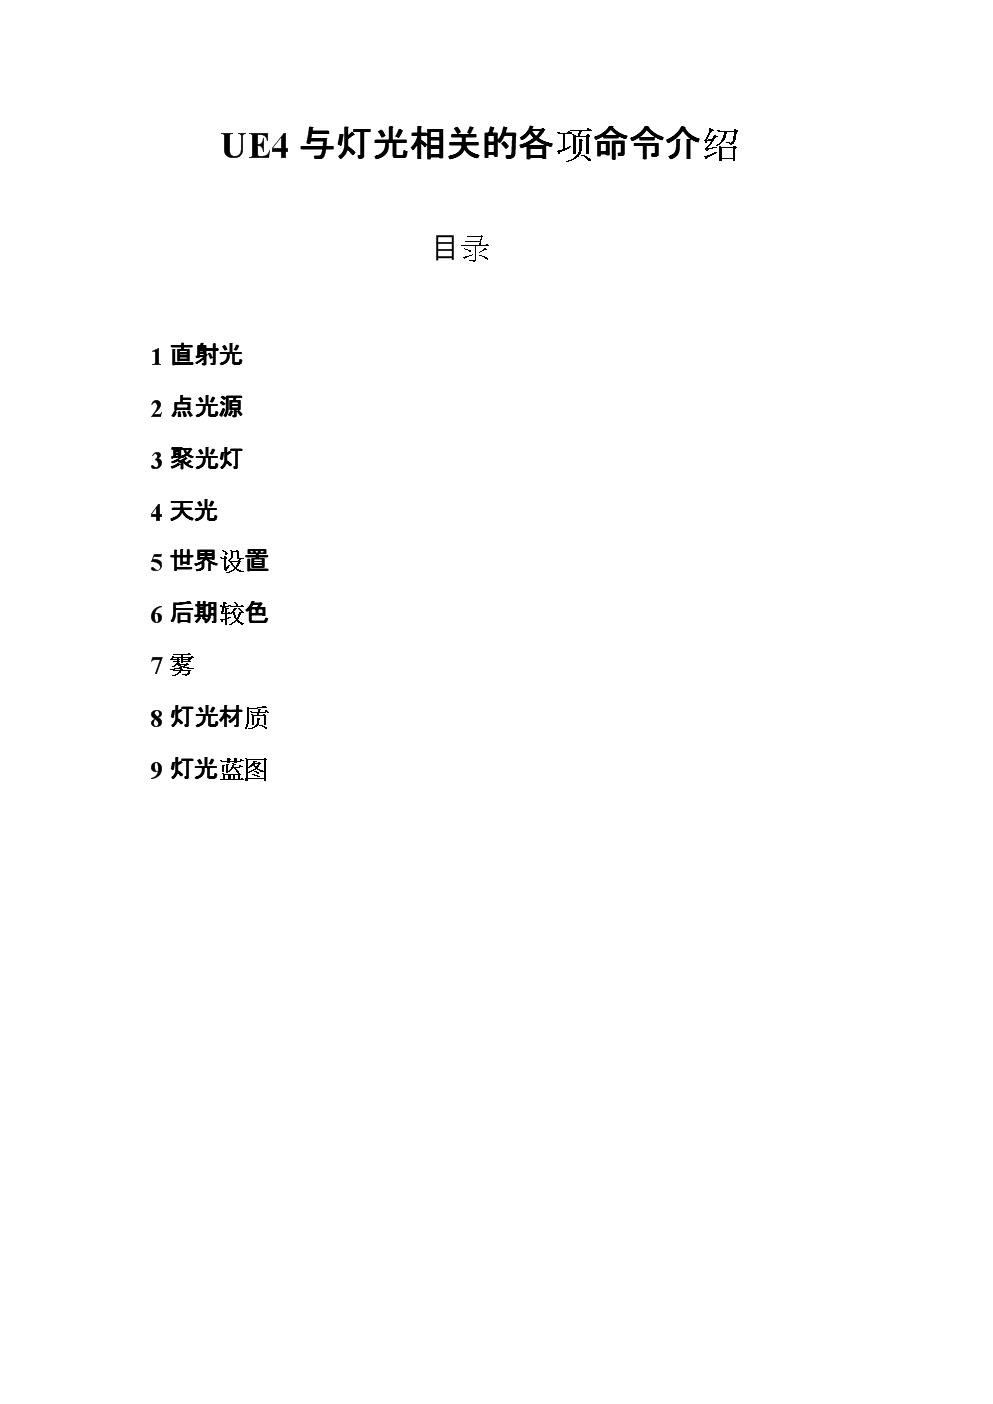 虚幻4与灯光相关的各项命令介绍(UE4入门资料).doc